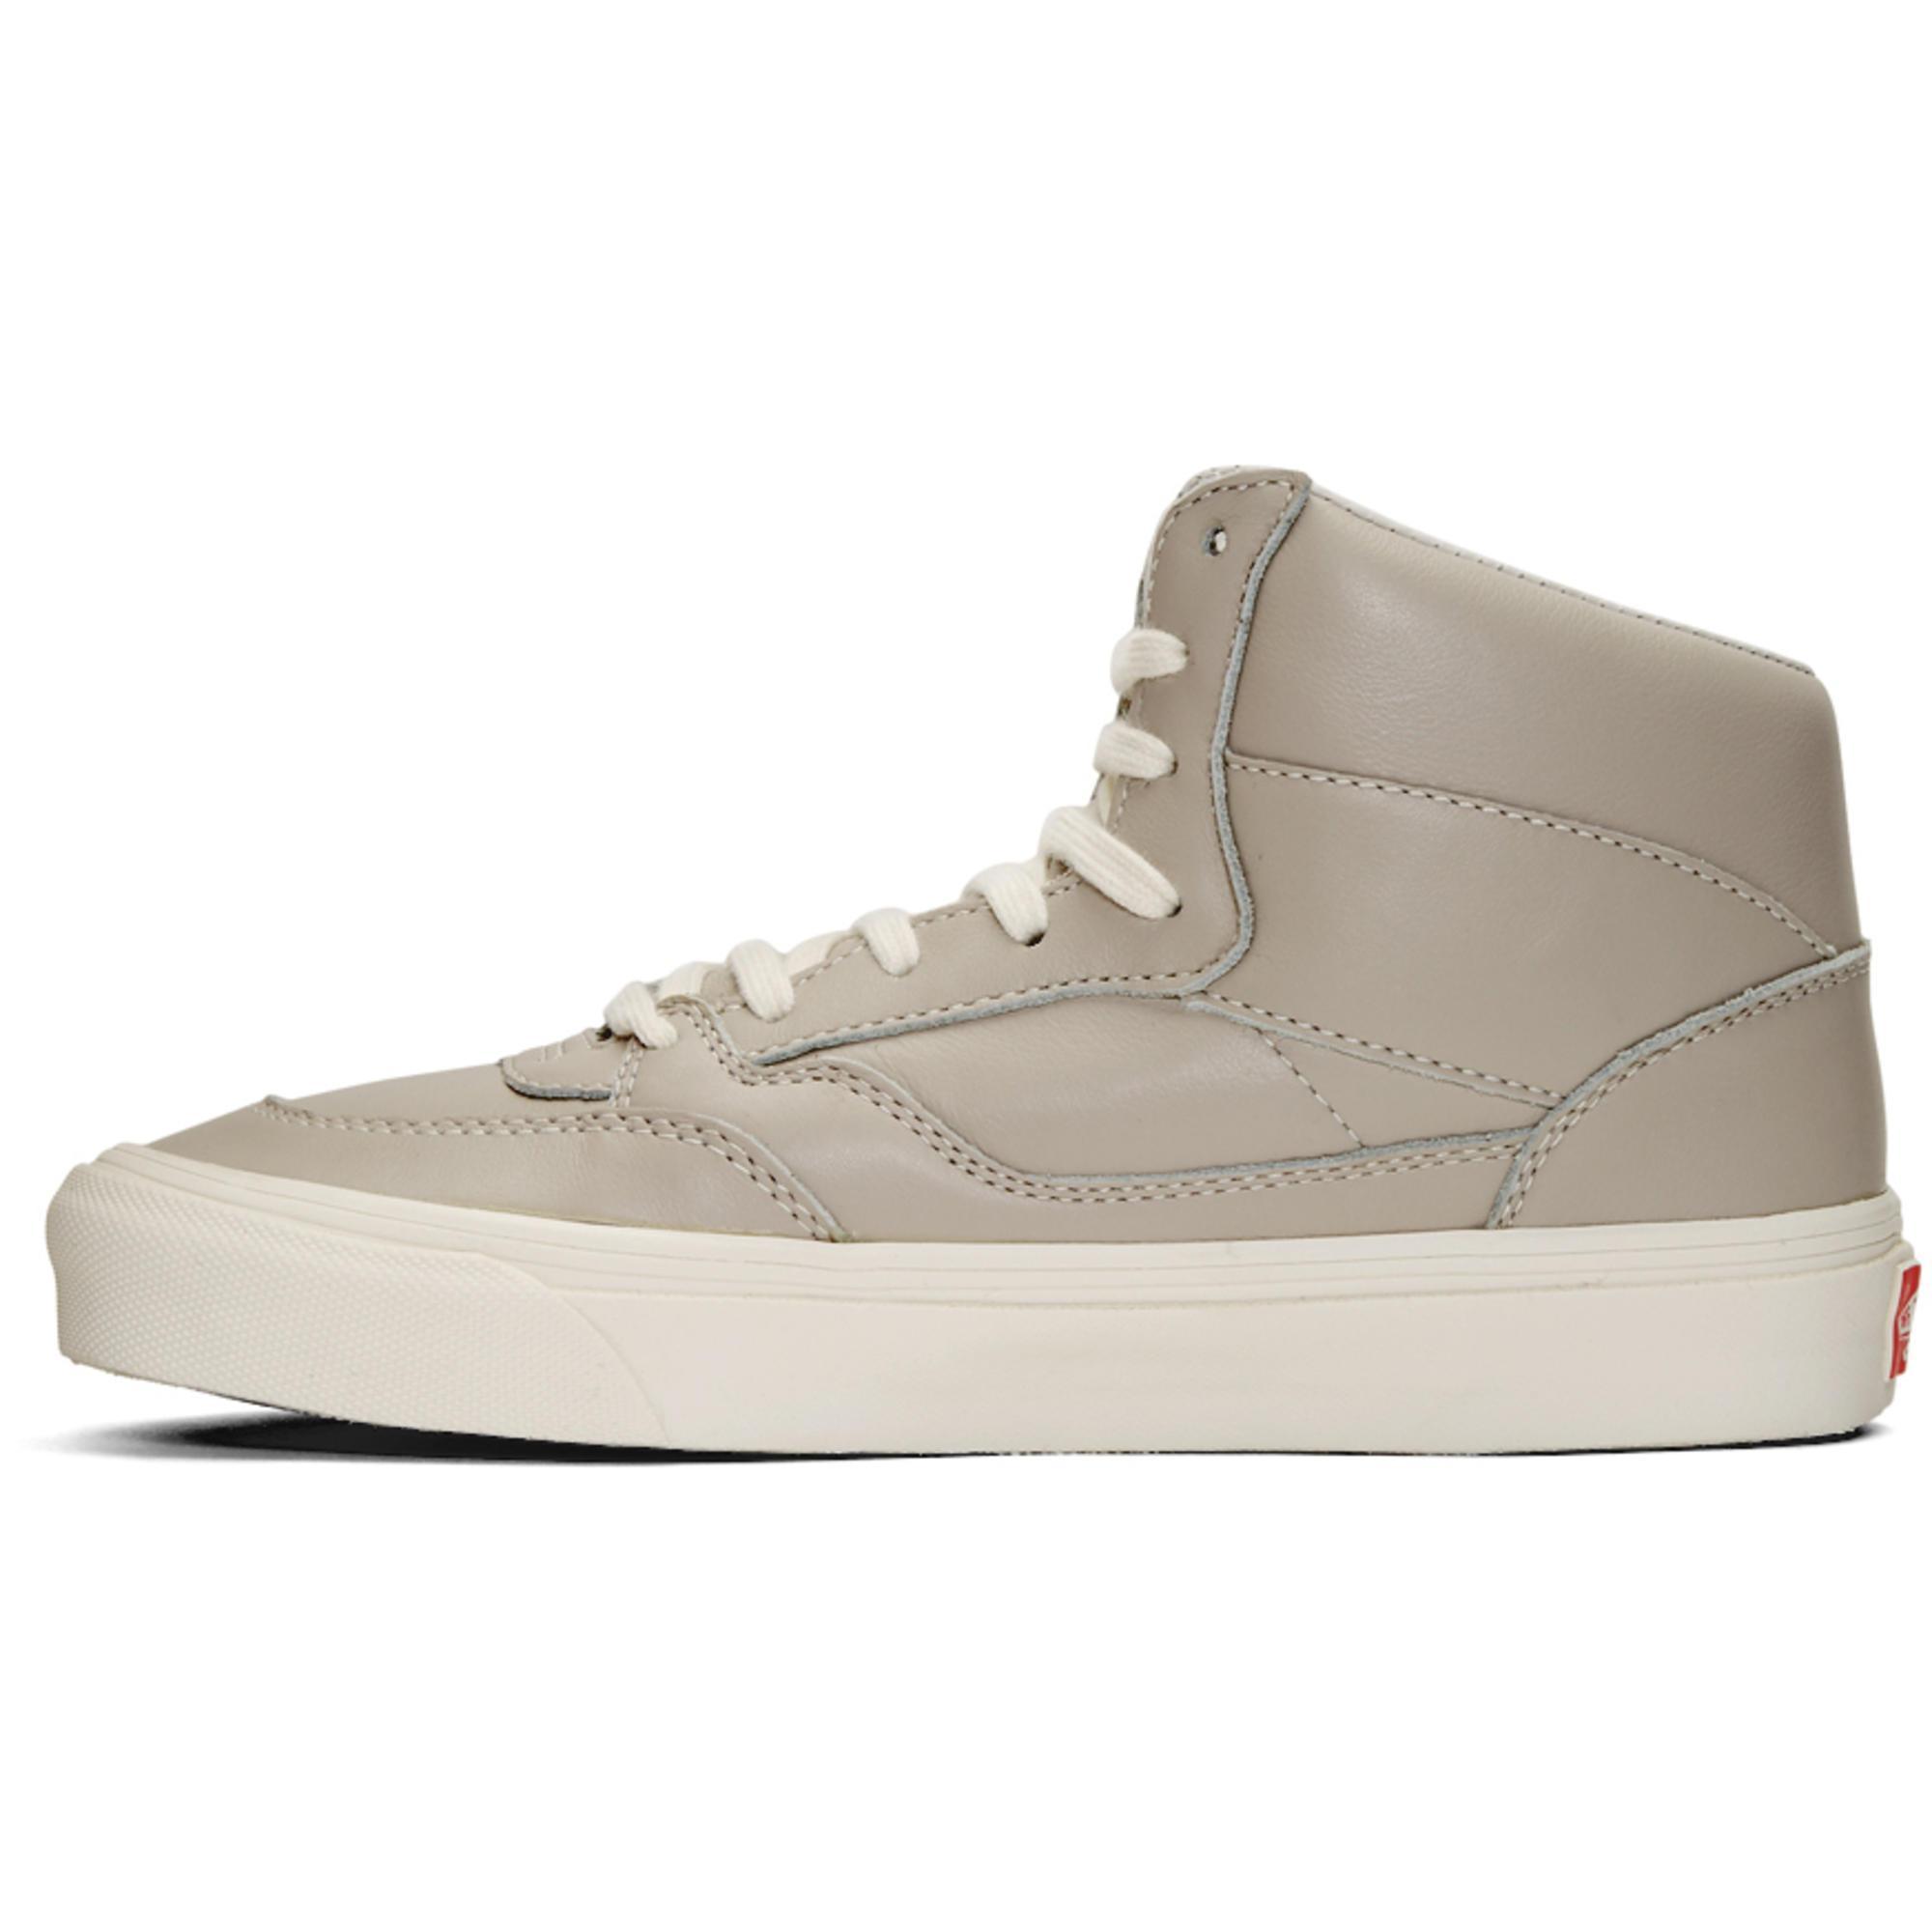 Vans Grey Steve Caballero Edition OG Full Cab LX Sneakers iSHOhv